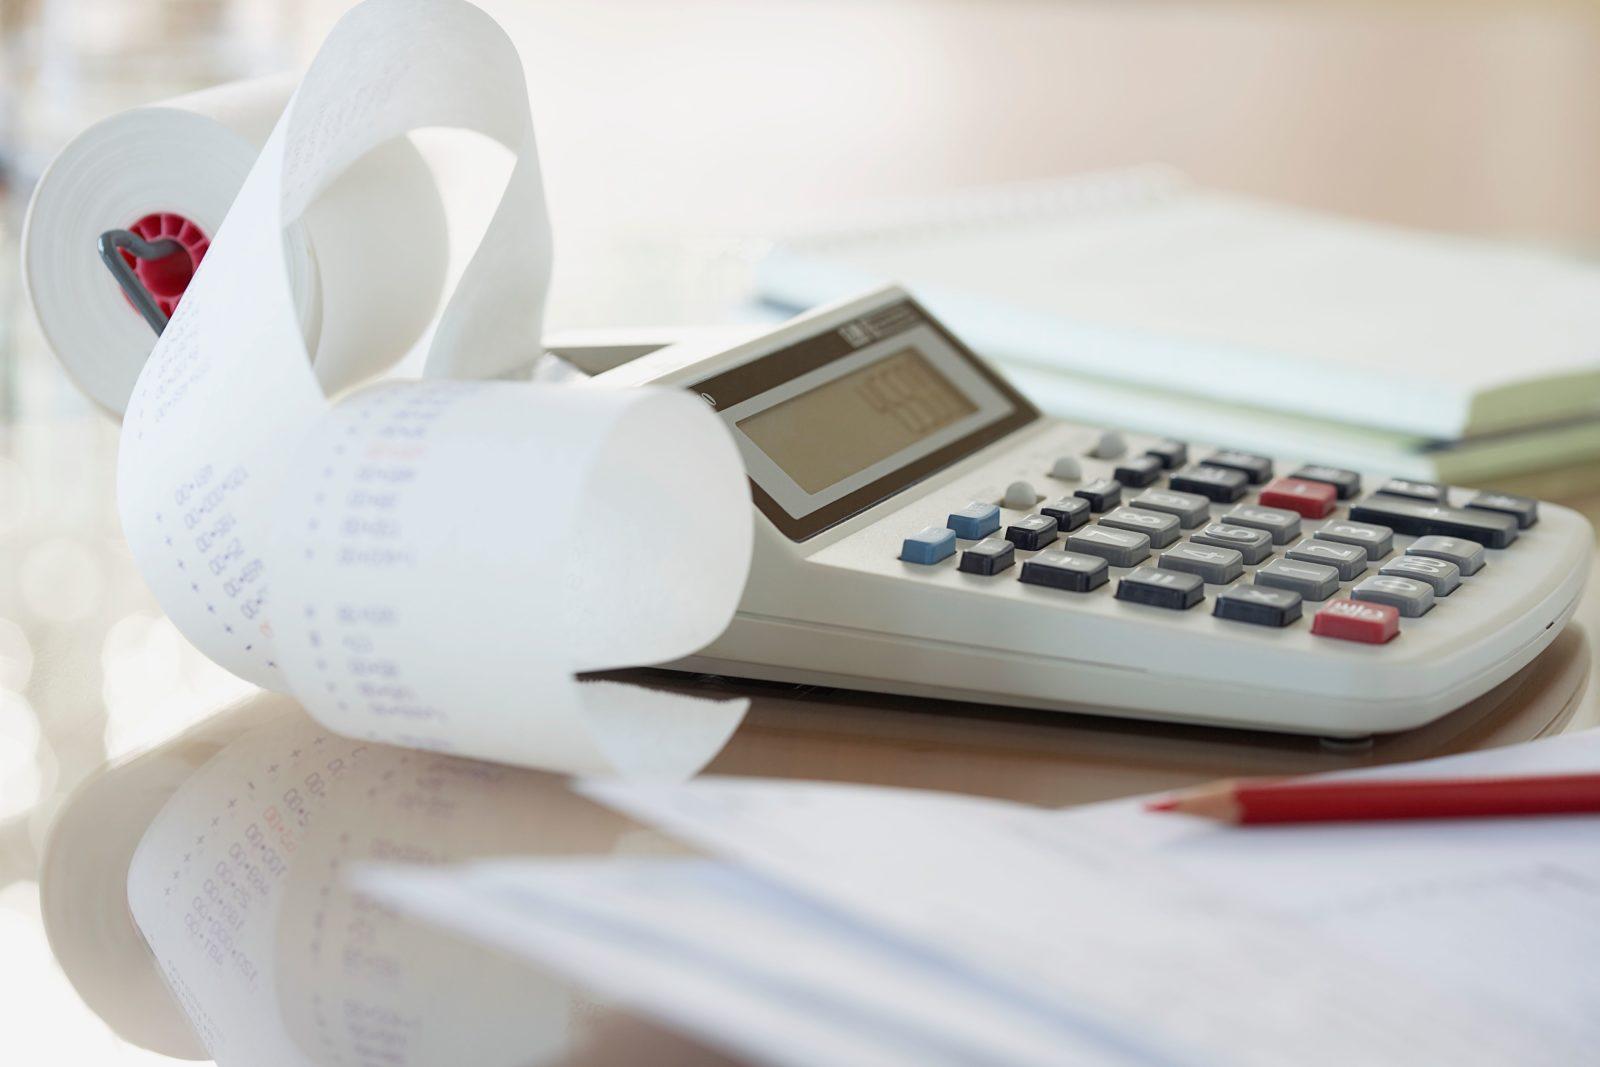 Организация бухгалтерского учета в ООО без применения ККМ